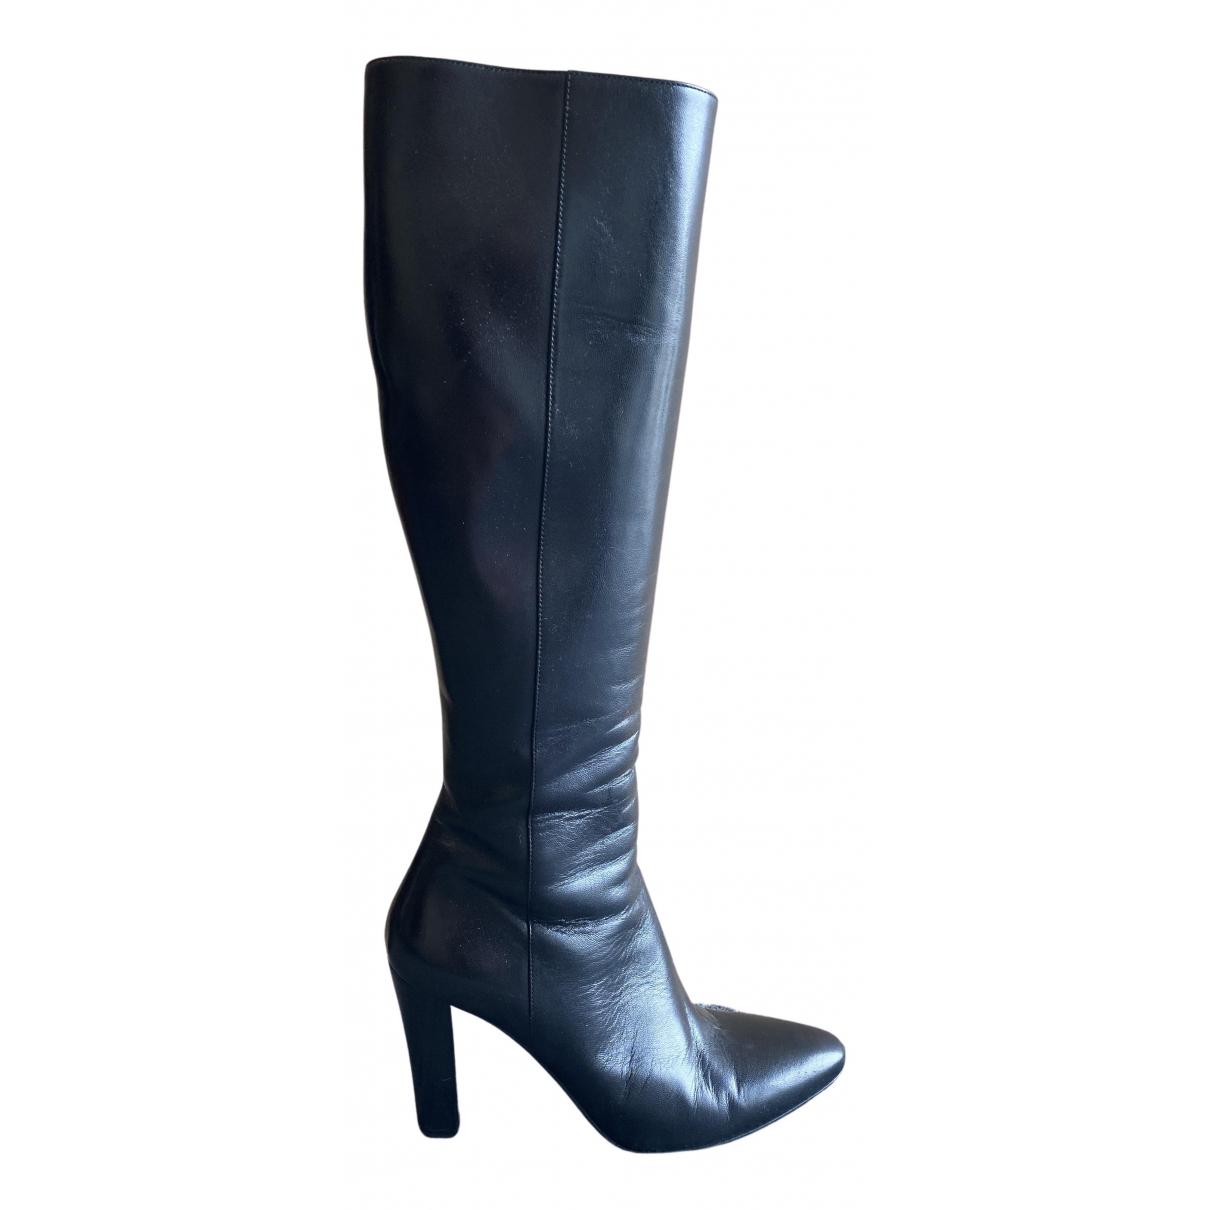 Saint Laurent N Black Leather Boots for Women 37 EU